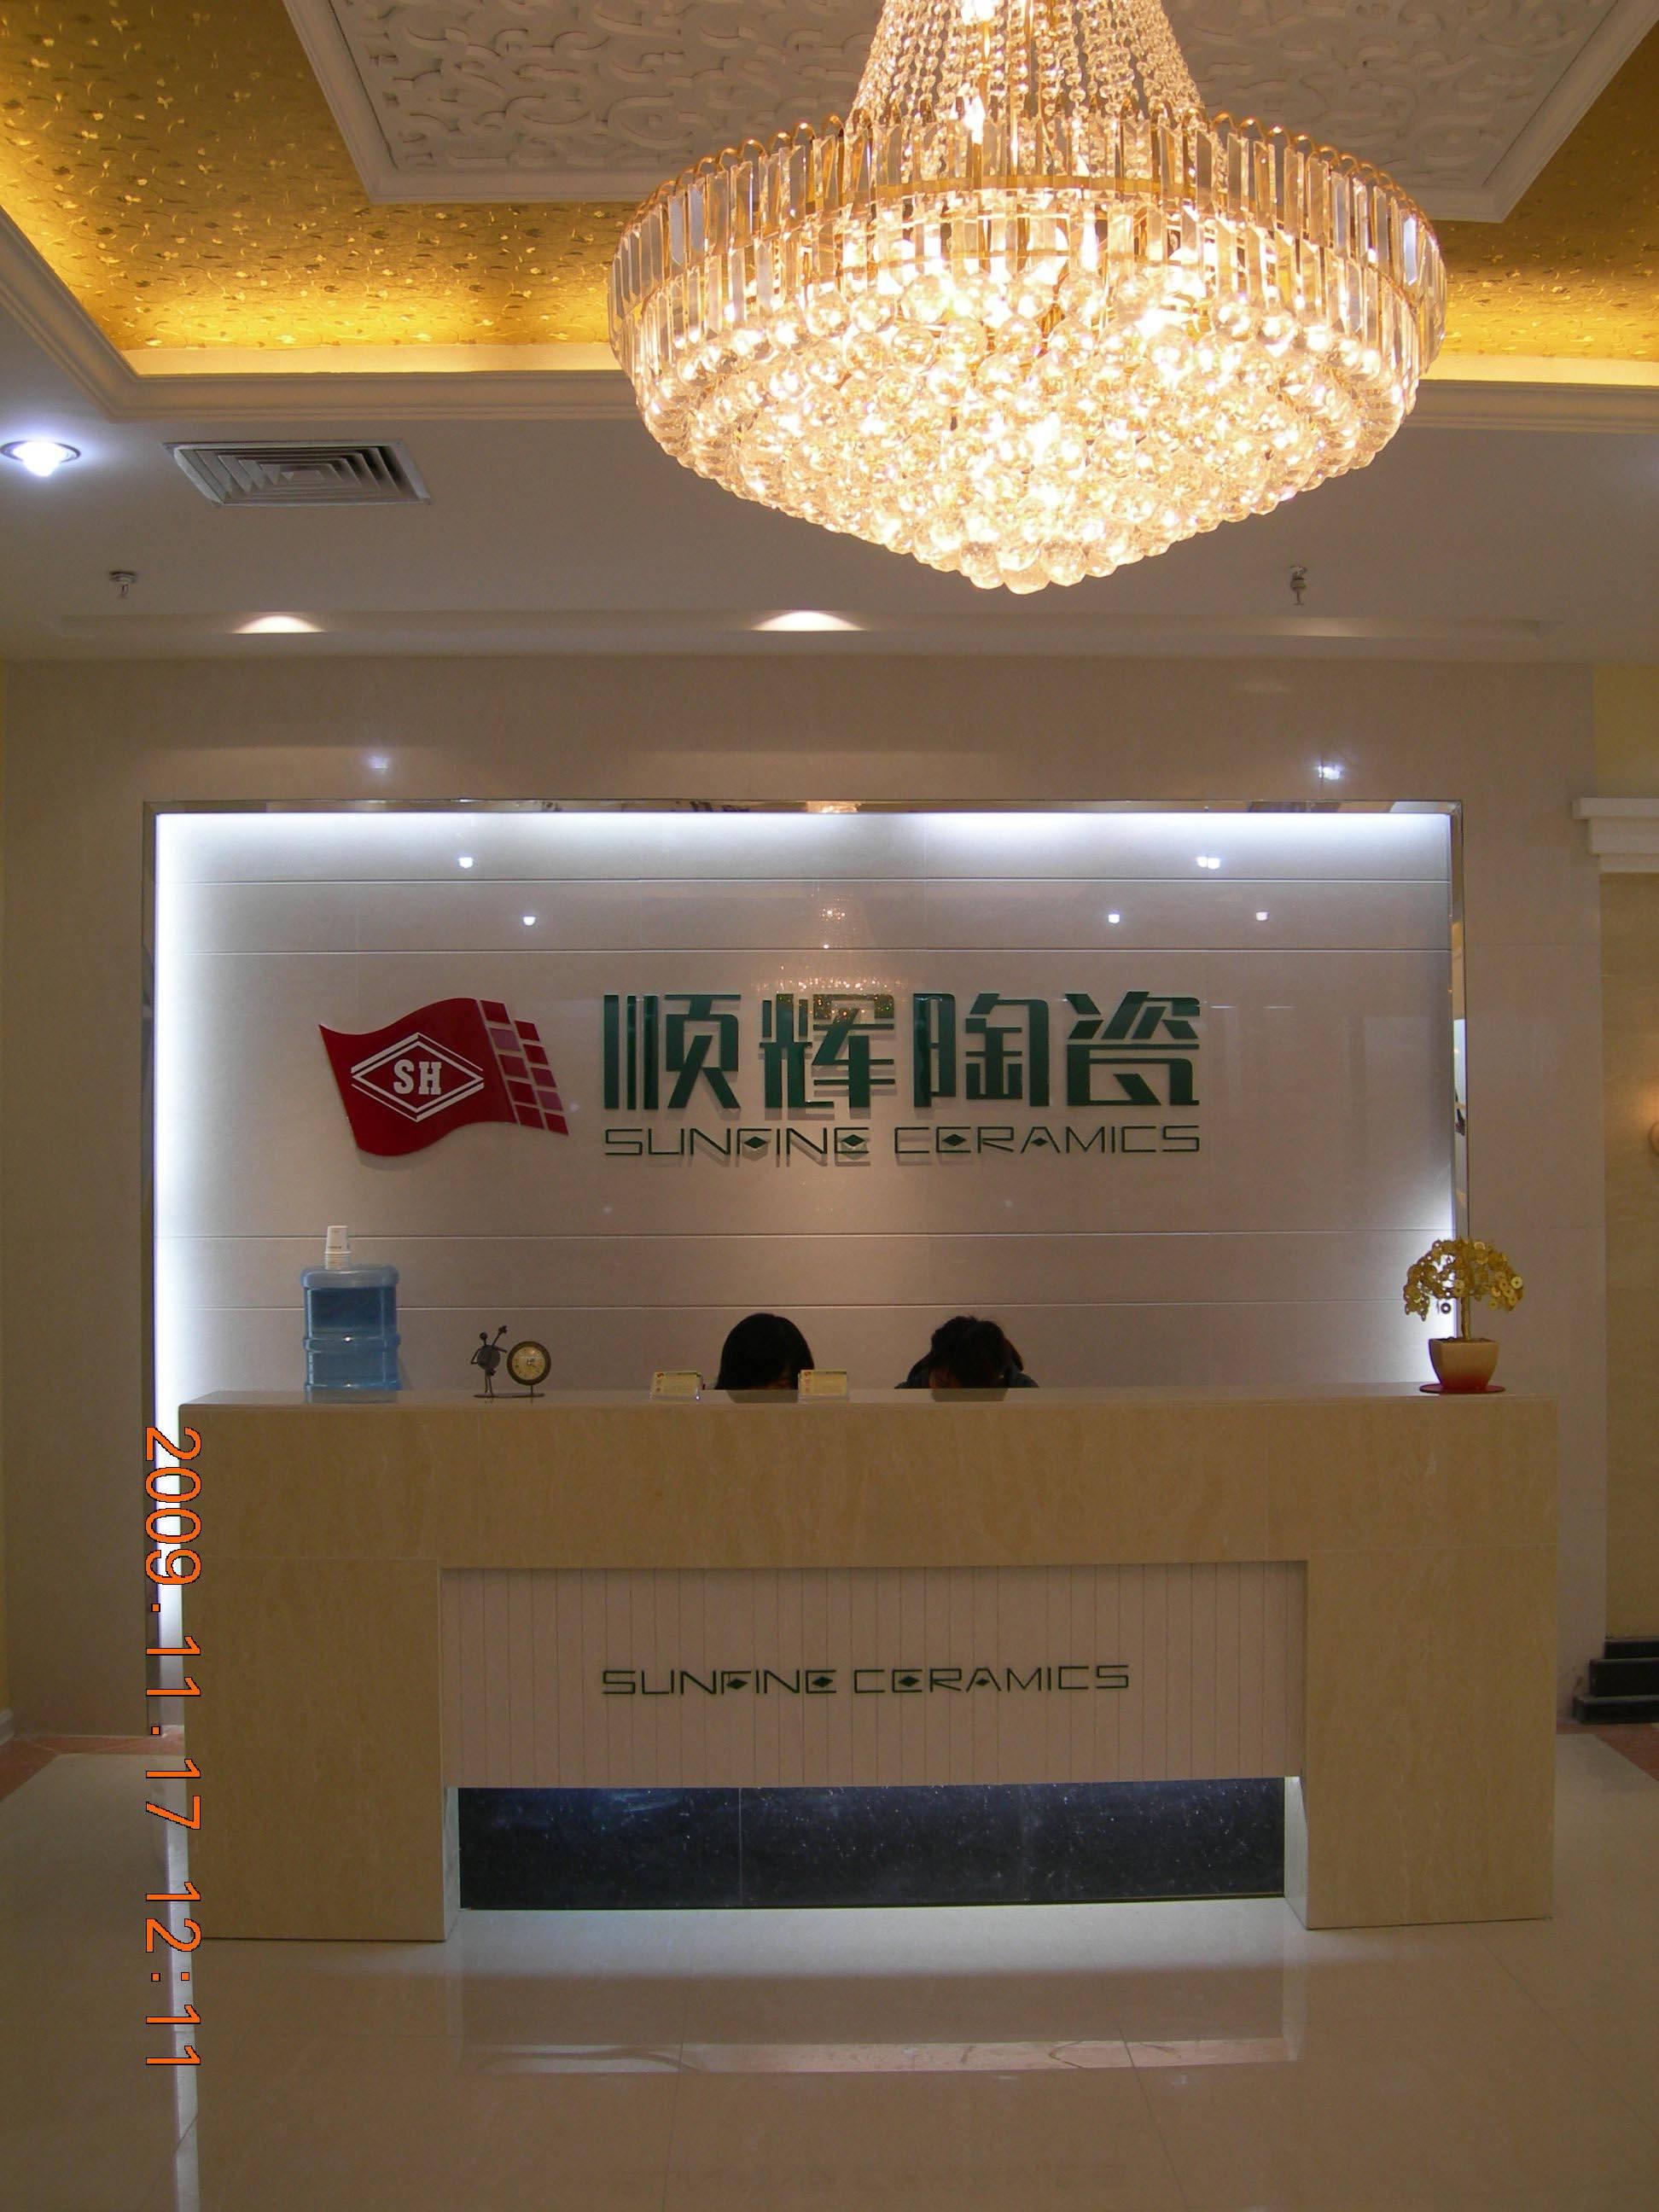 誠征天津市紅星美凱龍各店經銷商